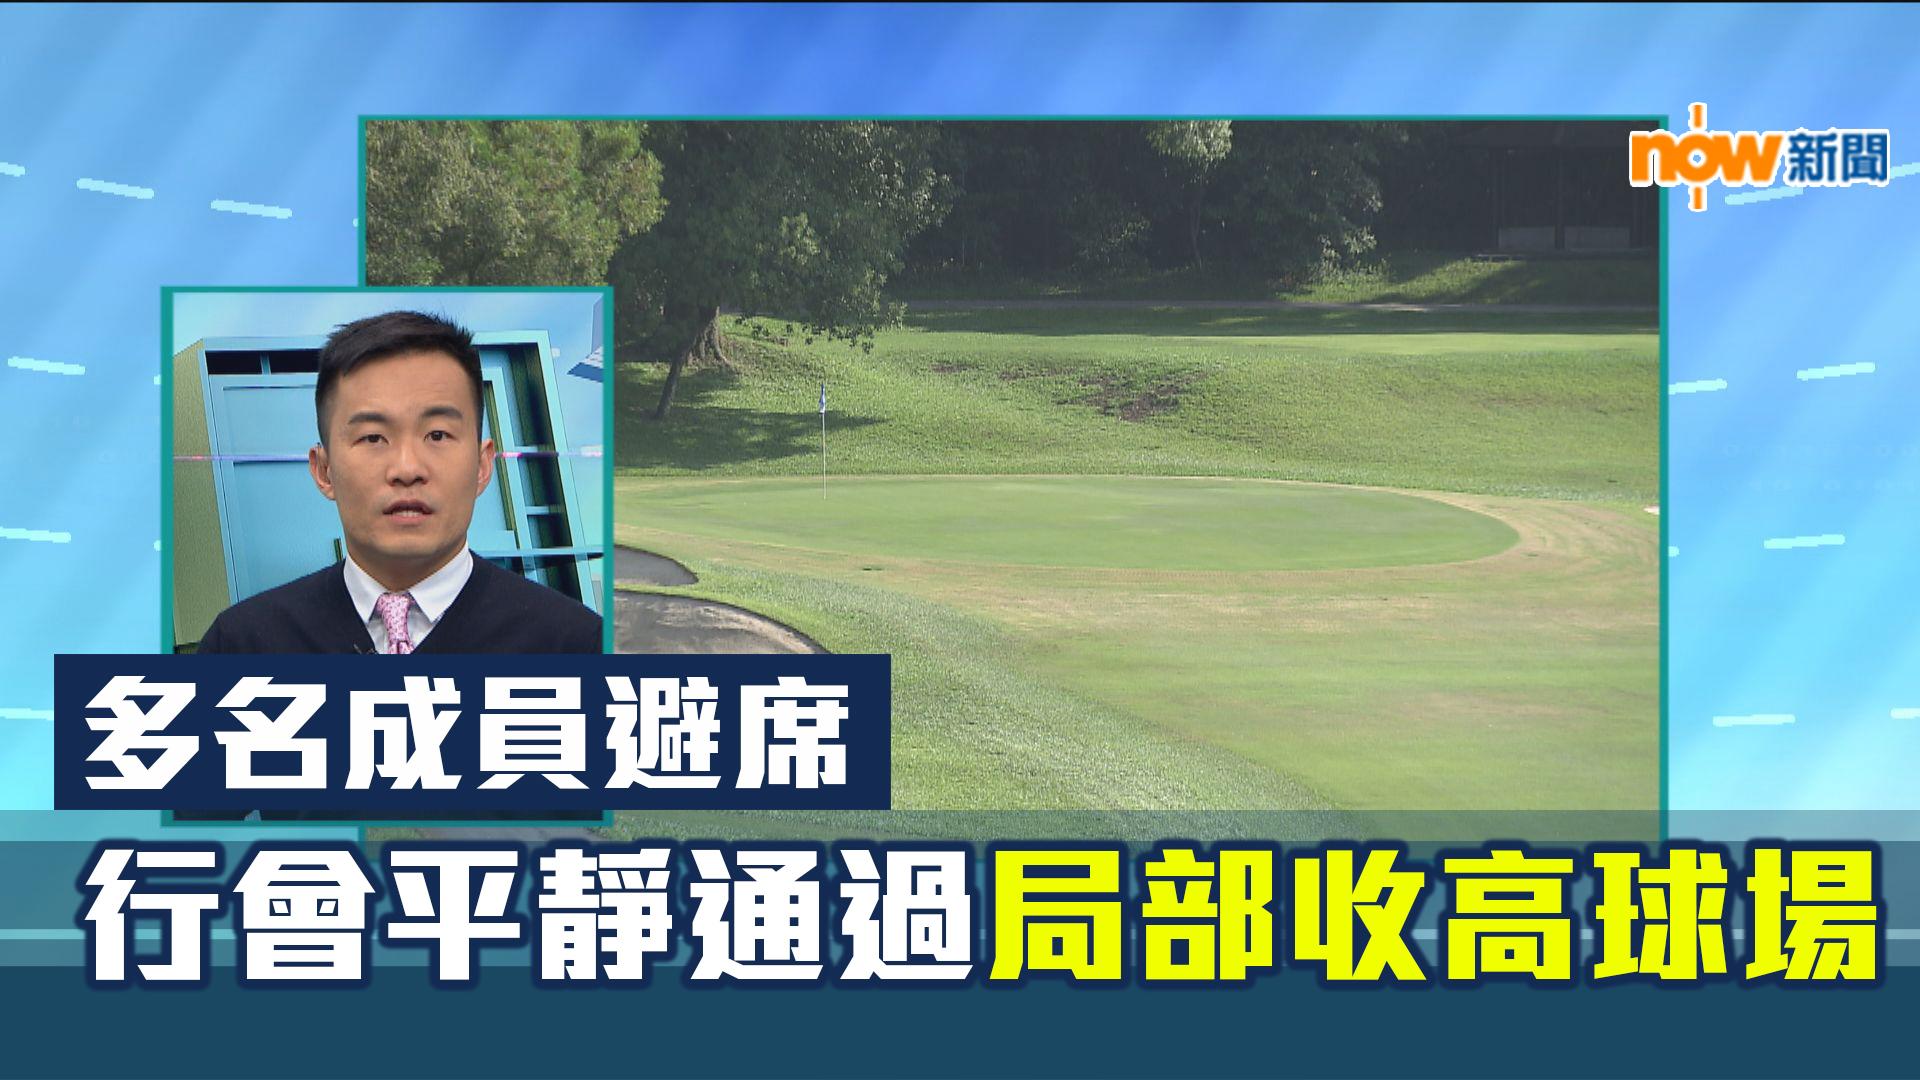 【政情】多名成員避席 行會平靜通過局部收高球場